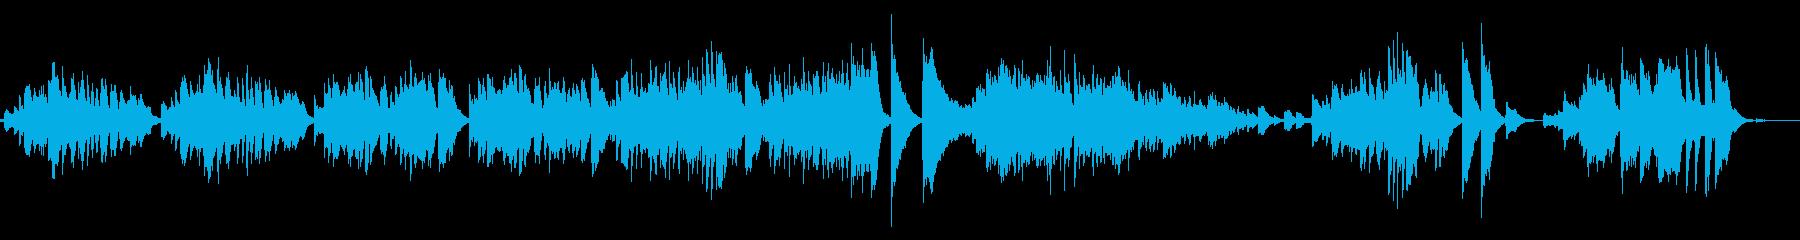 明るく厳格のあるクラシックピアノの再生済みの波形